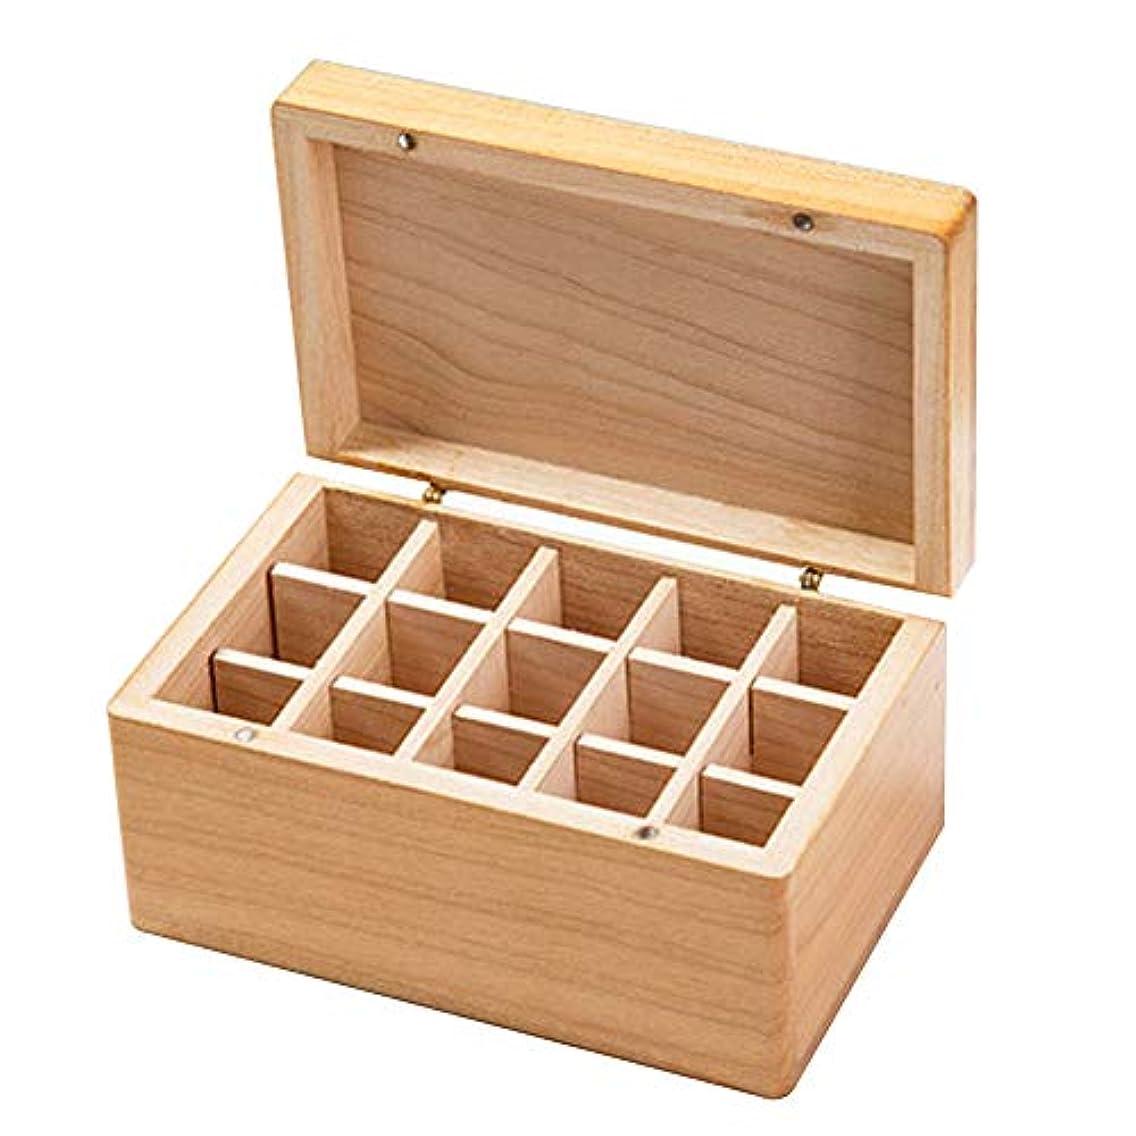 適合しましたドアコーチエッセンシャルオイル木製収納ボックス、天然木素材コンパートメント耐久性のあるボトル注文したグリッド構造環境に優しいディスプレイケース